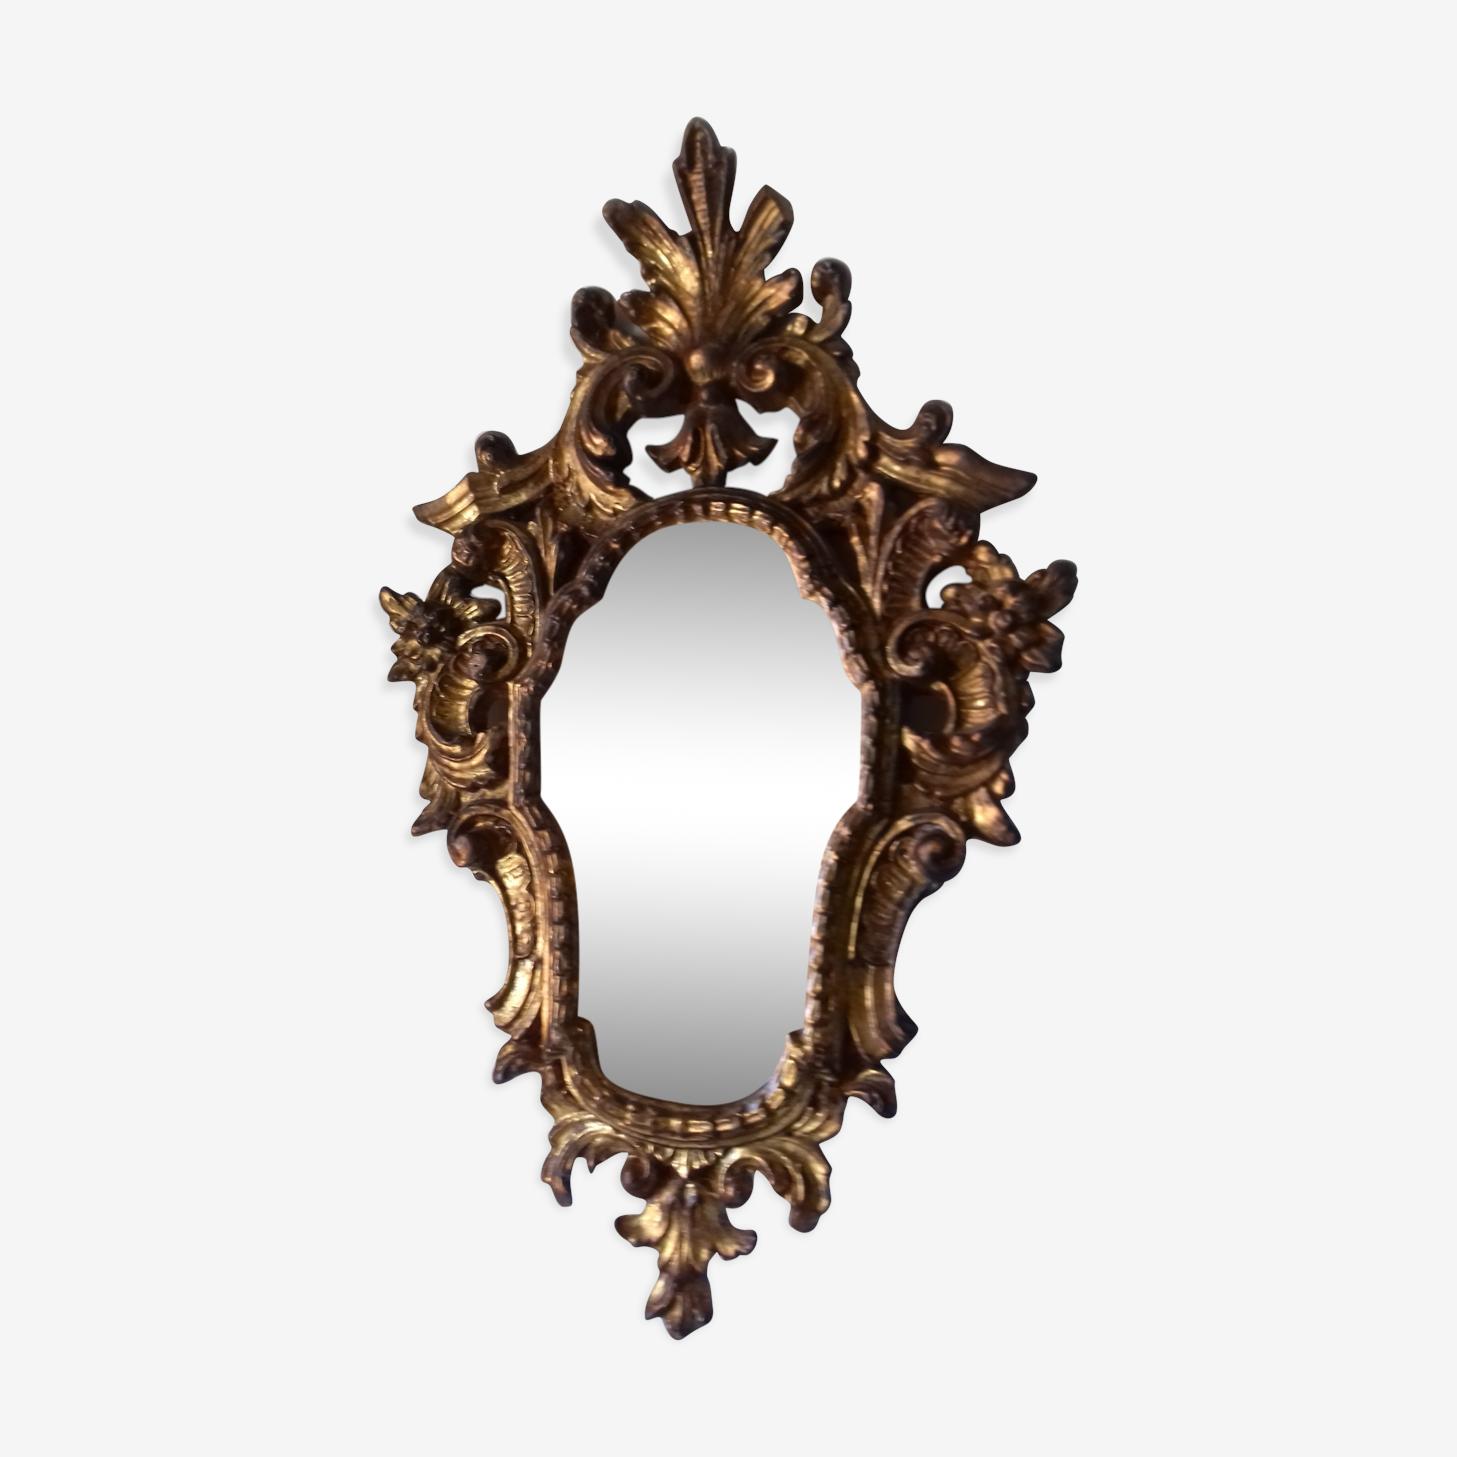 Mirror Italian style